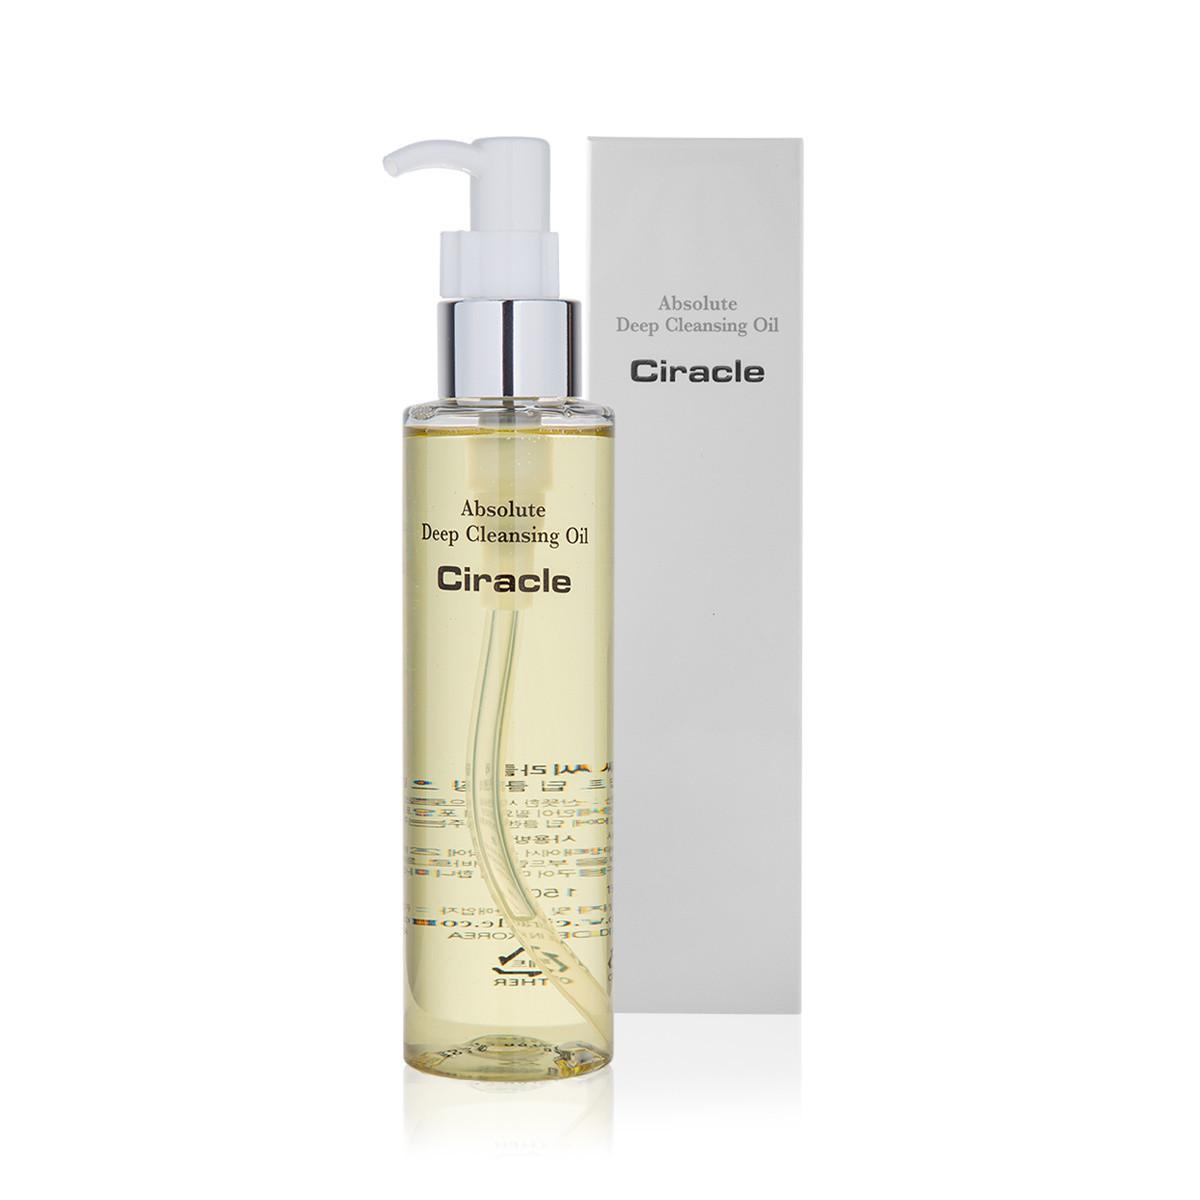 Гидрофильное масло для абсолютного очищения CIRACLE Absolute Deep Cleansing Oil, 150 мл